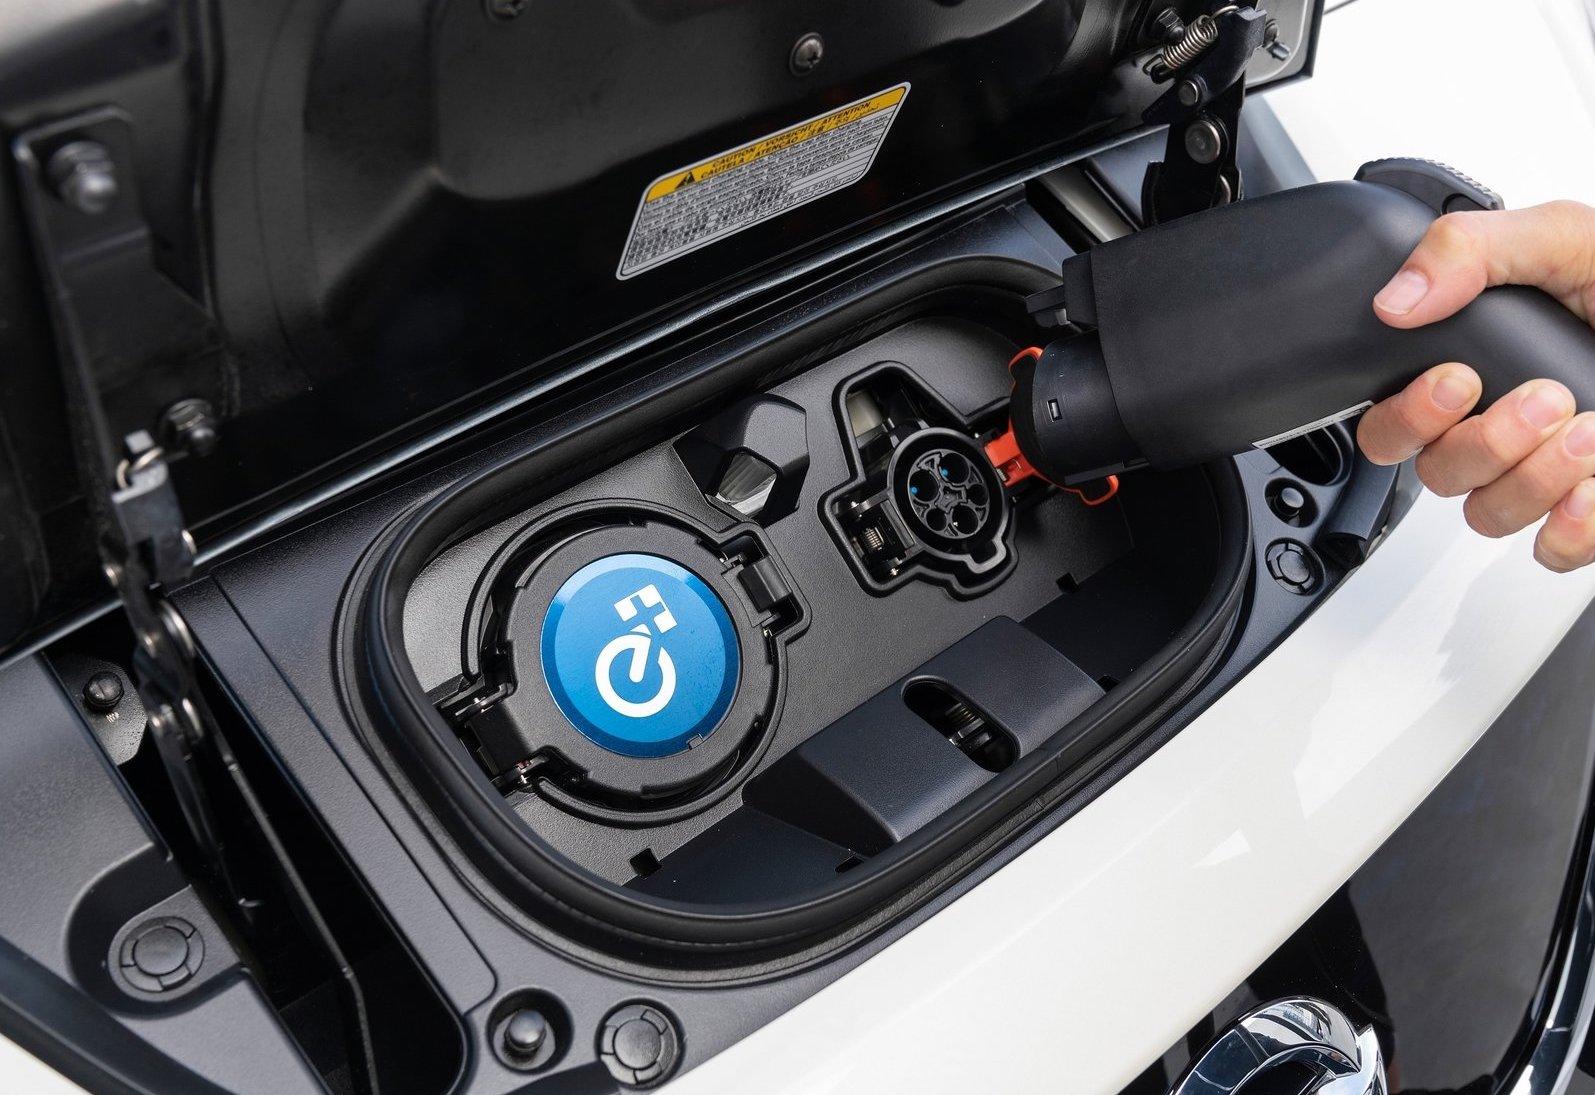 Auto elettriche più autonomia